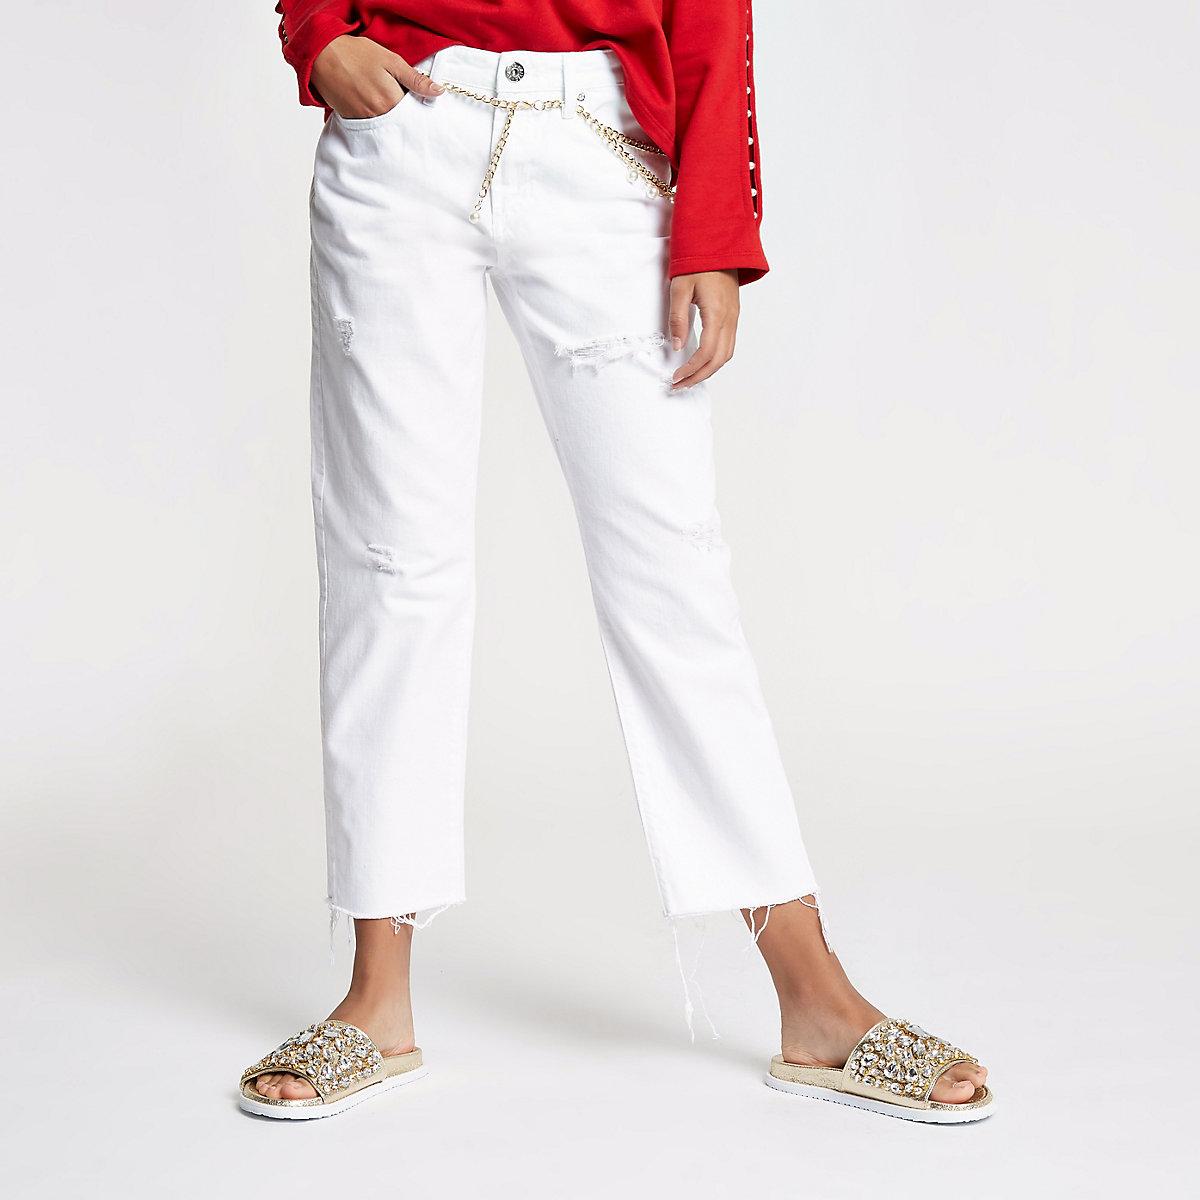 White boyfriend fit mid rise jeans